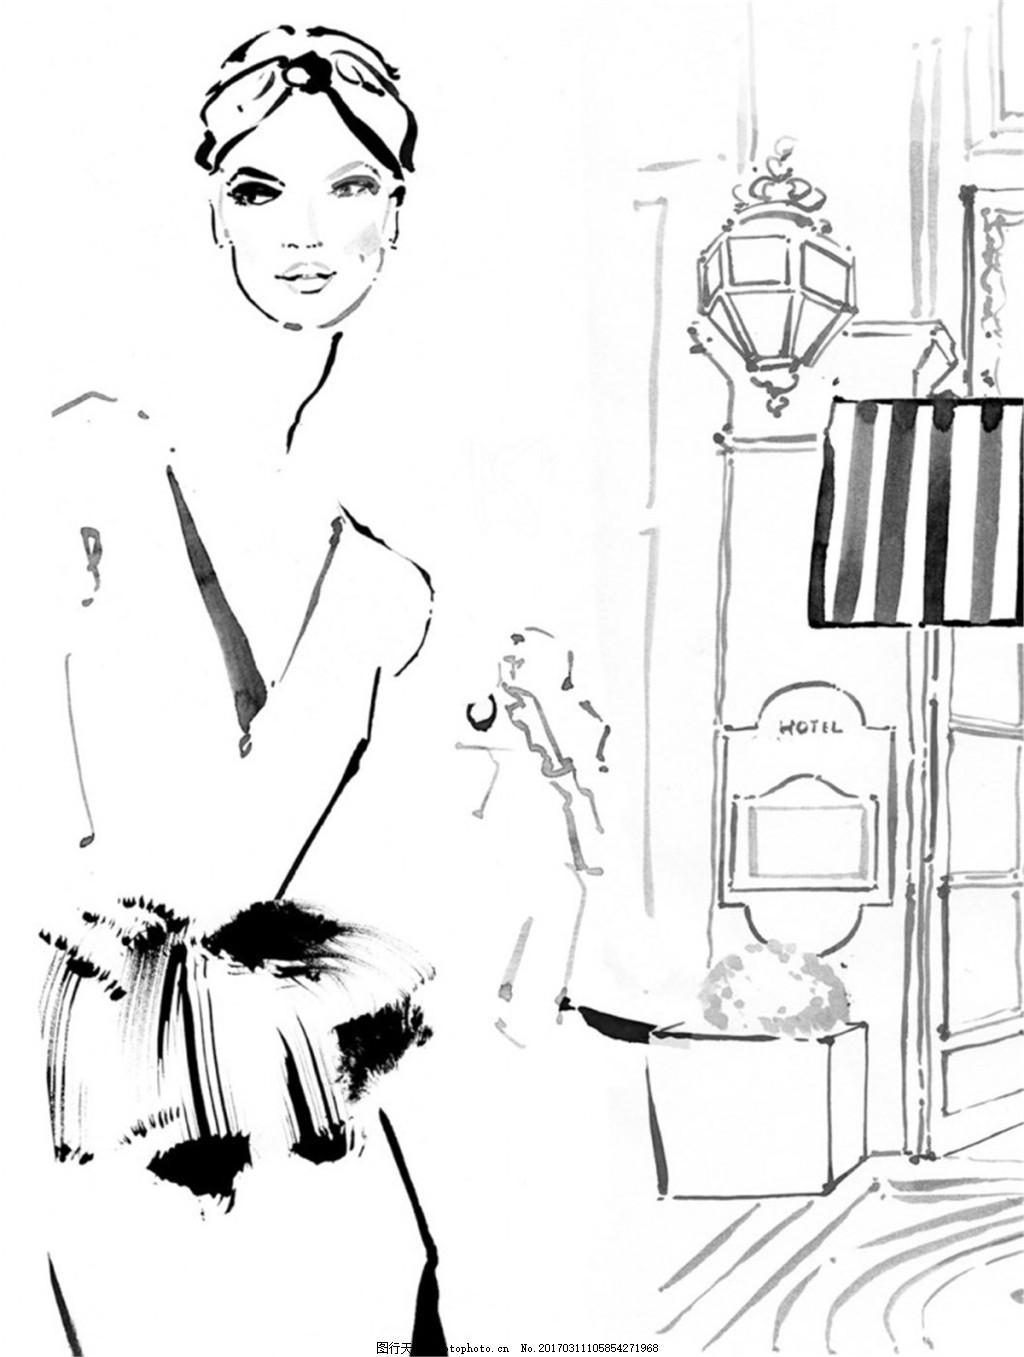 女装设计图 服装设计 时尚女装 职业女装 职业装 女装设计效果图 jpg